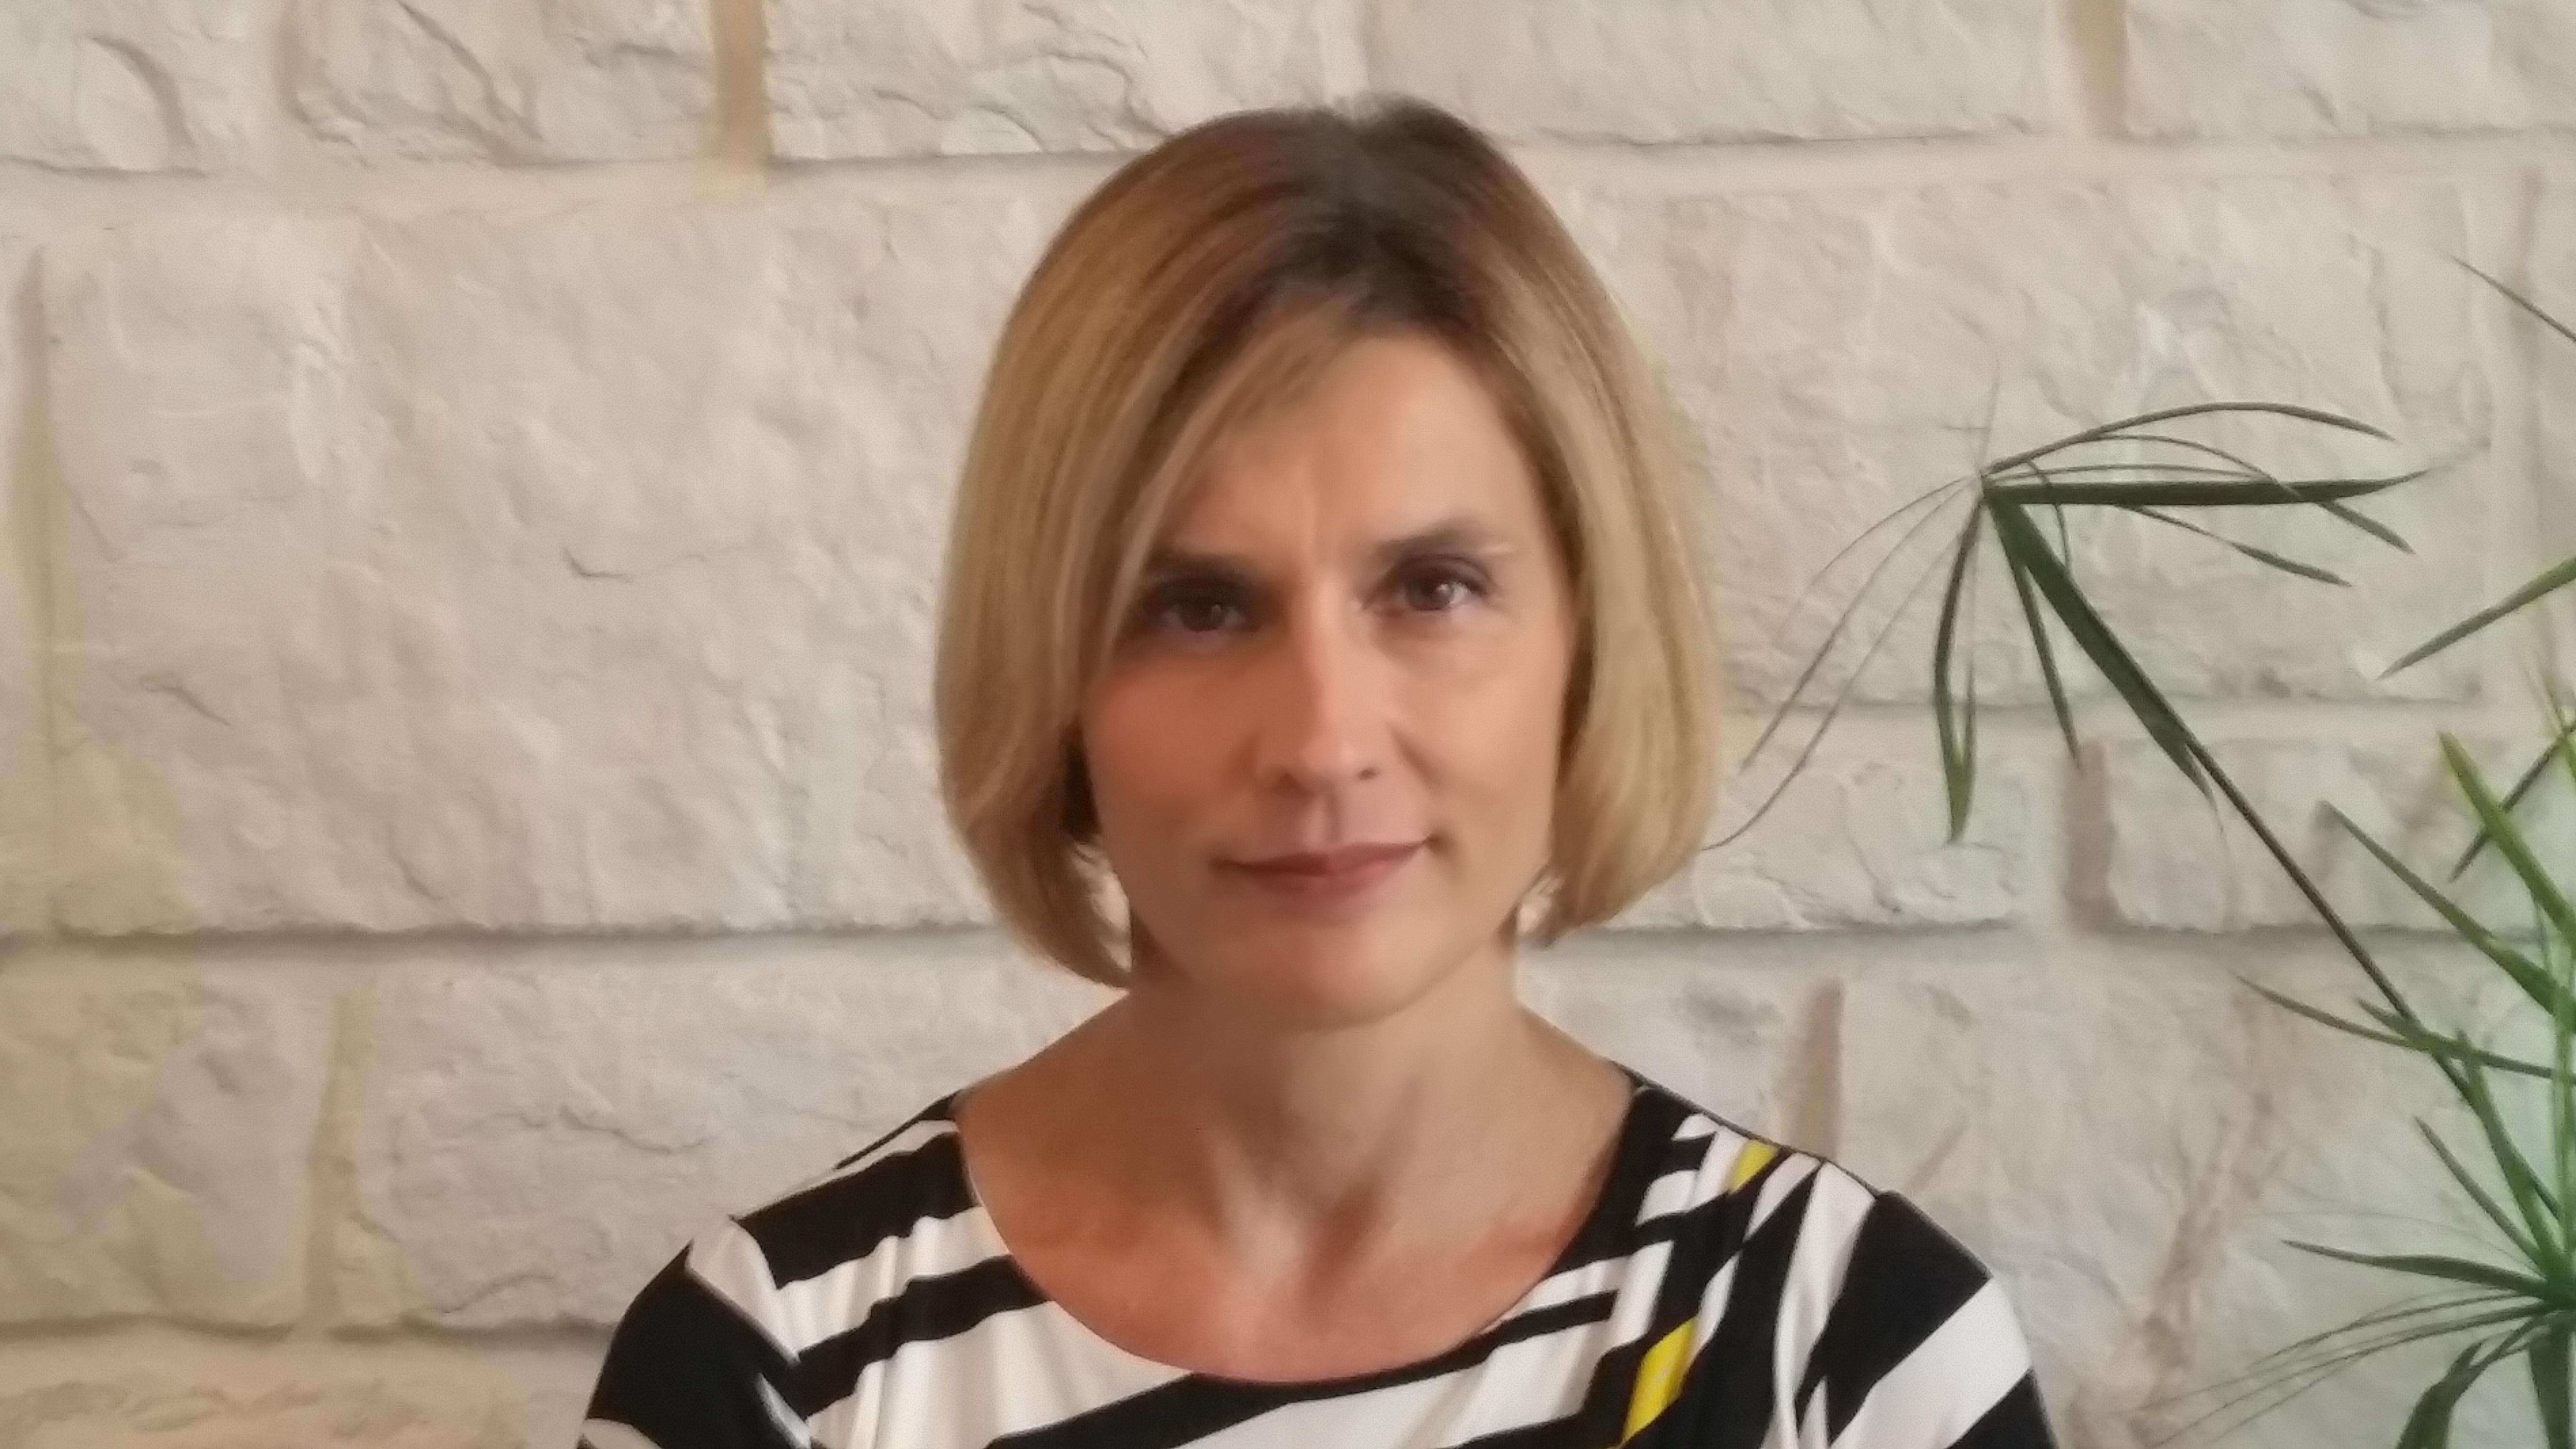 Dr. Natalija Kanački: 374 promatrača U ime obitelji zaslužuje čistu peticu za njihov volonterski rad